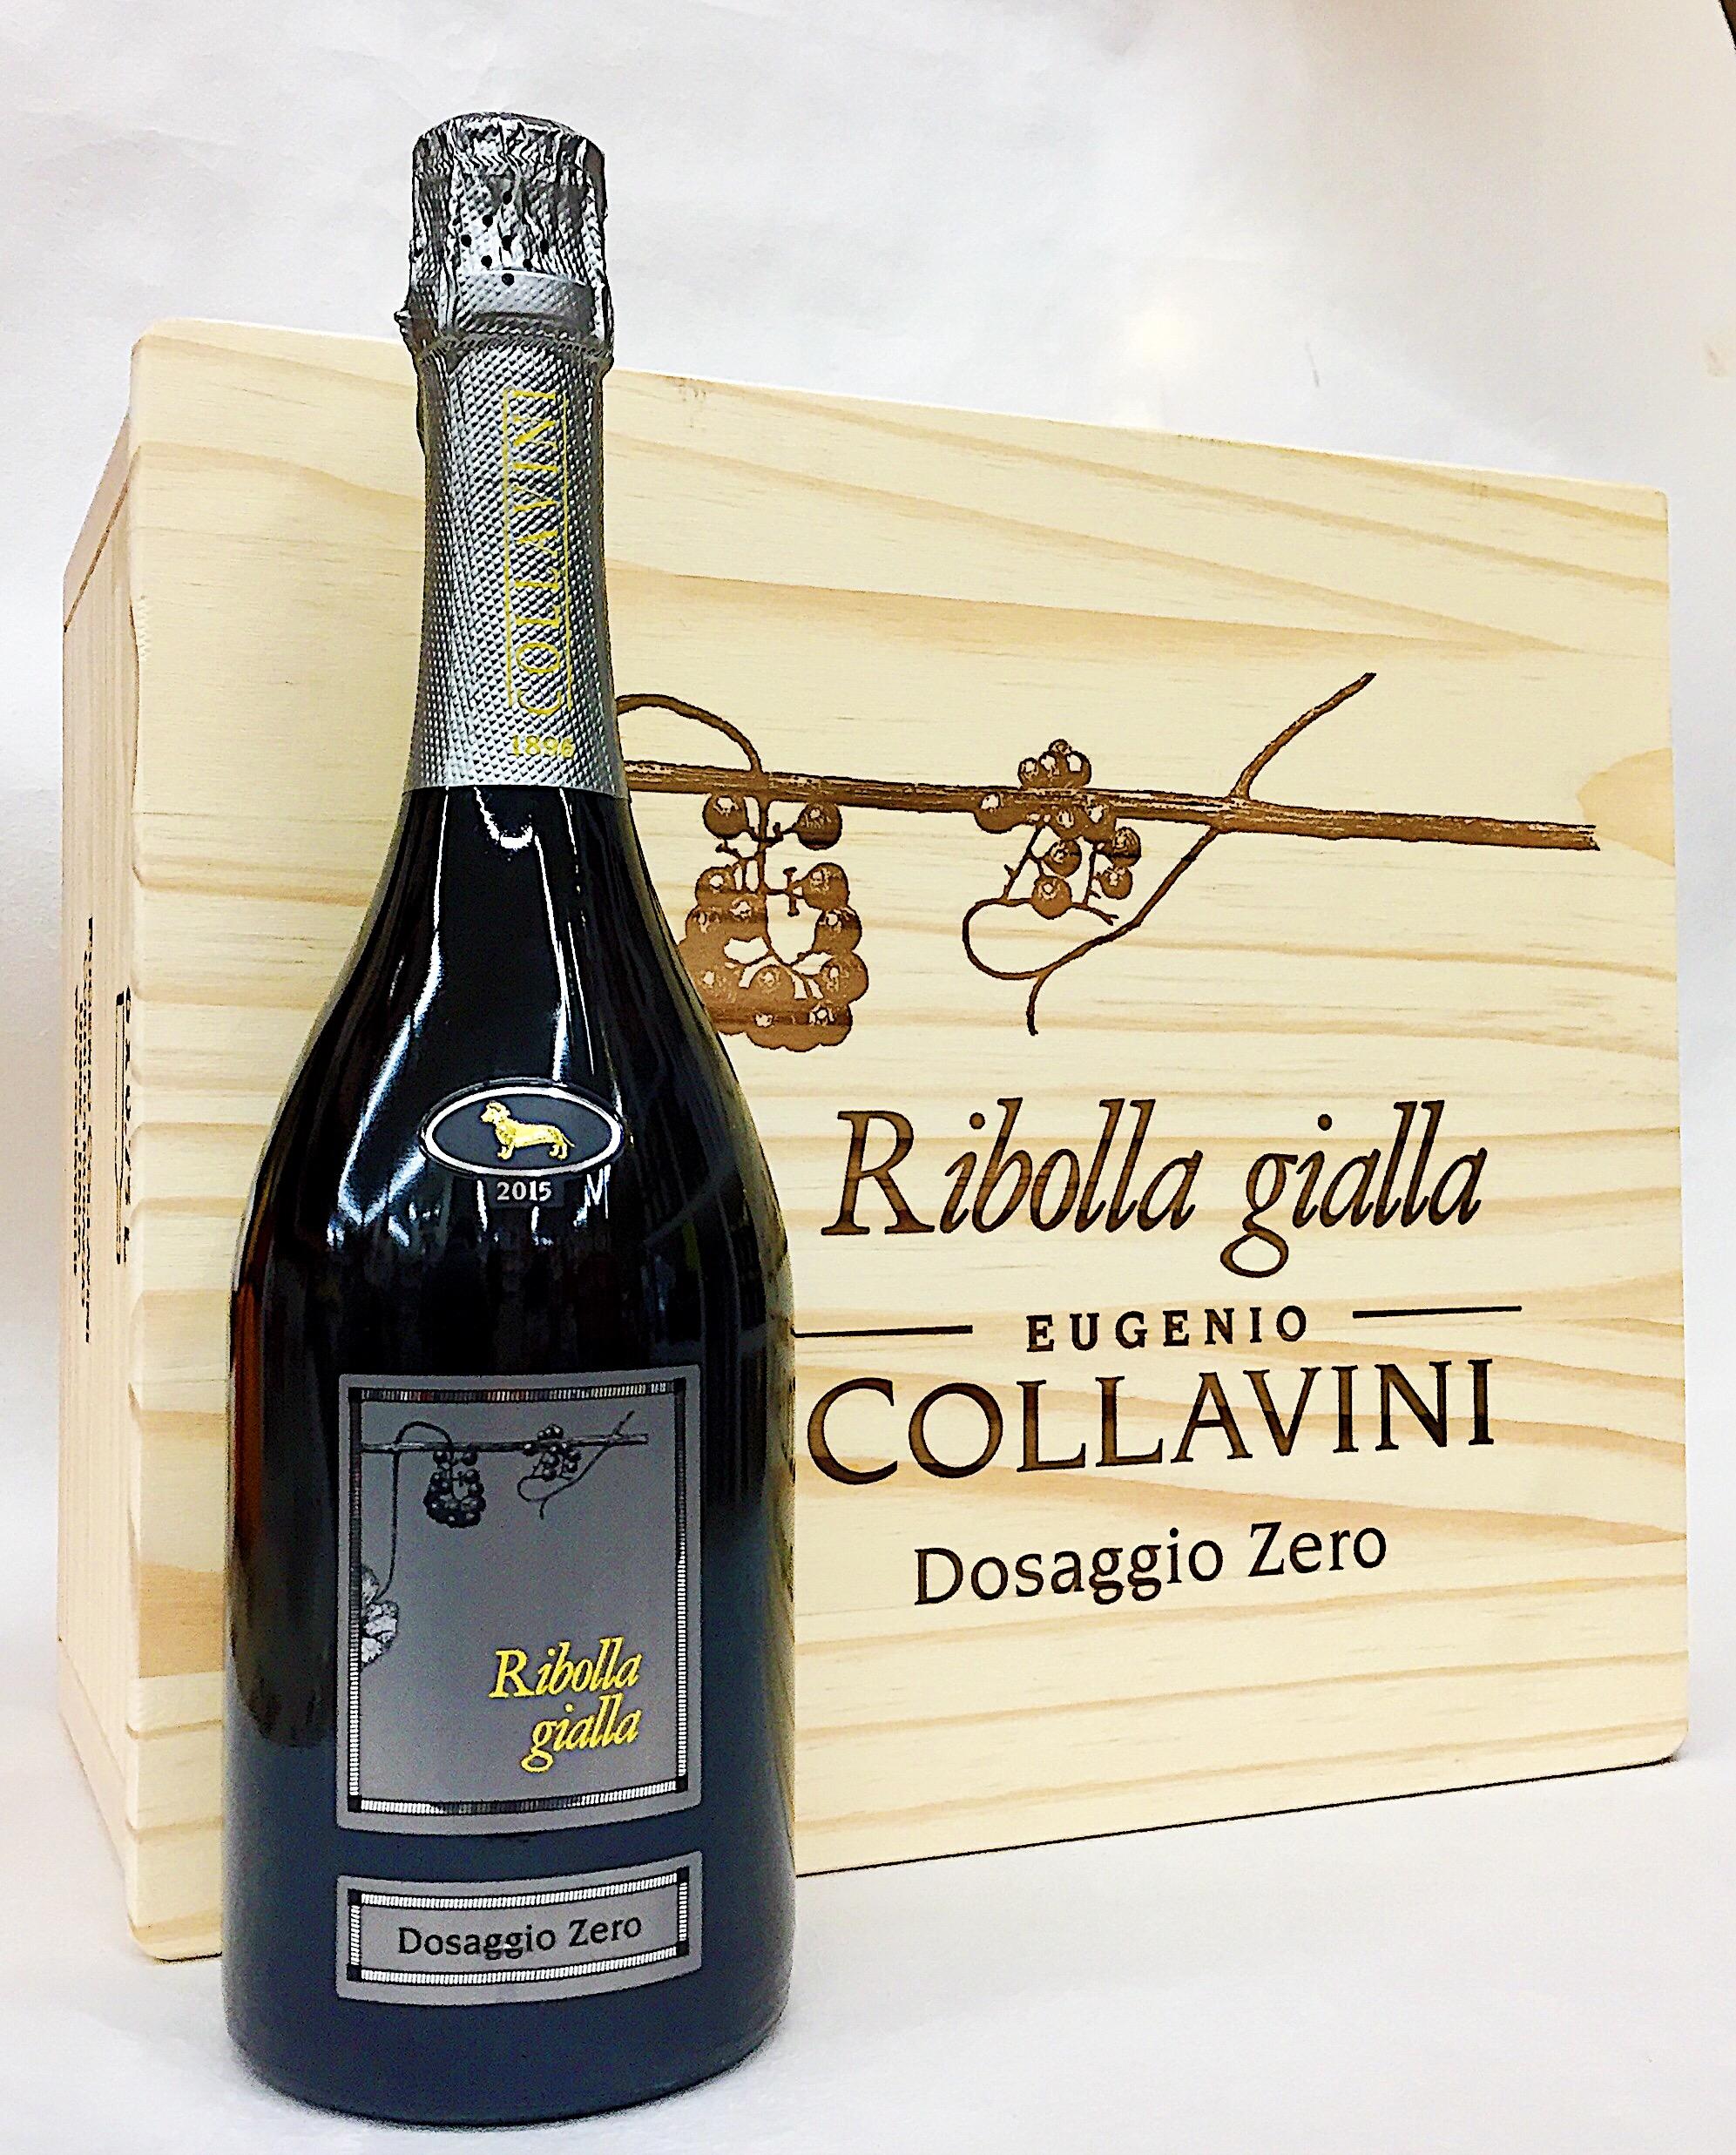 Ribolla Gialla Dosaggio Zero - Eugenio Collavini Viticoltori srl (UD)